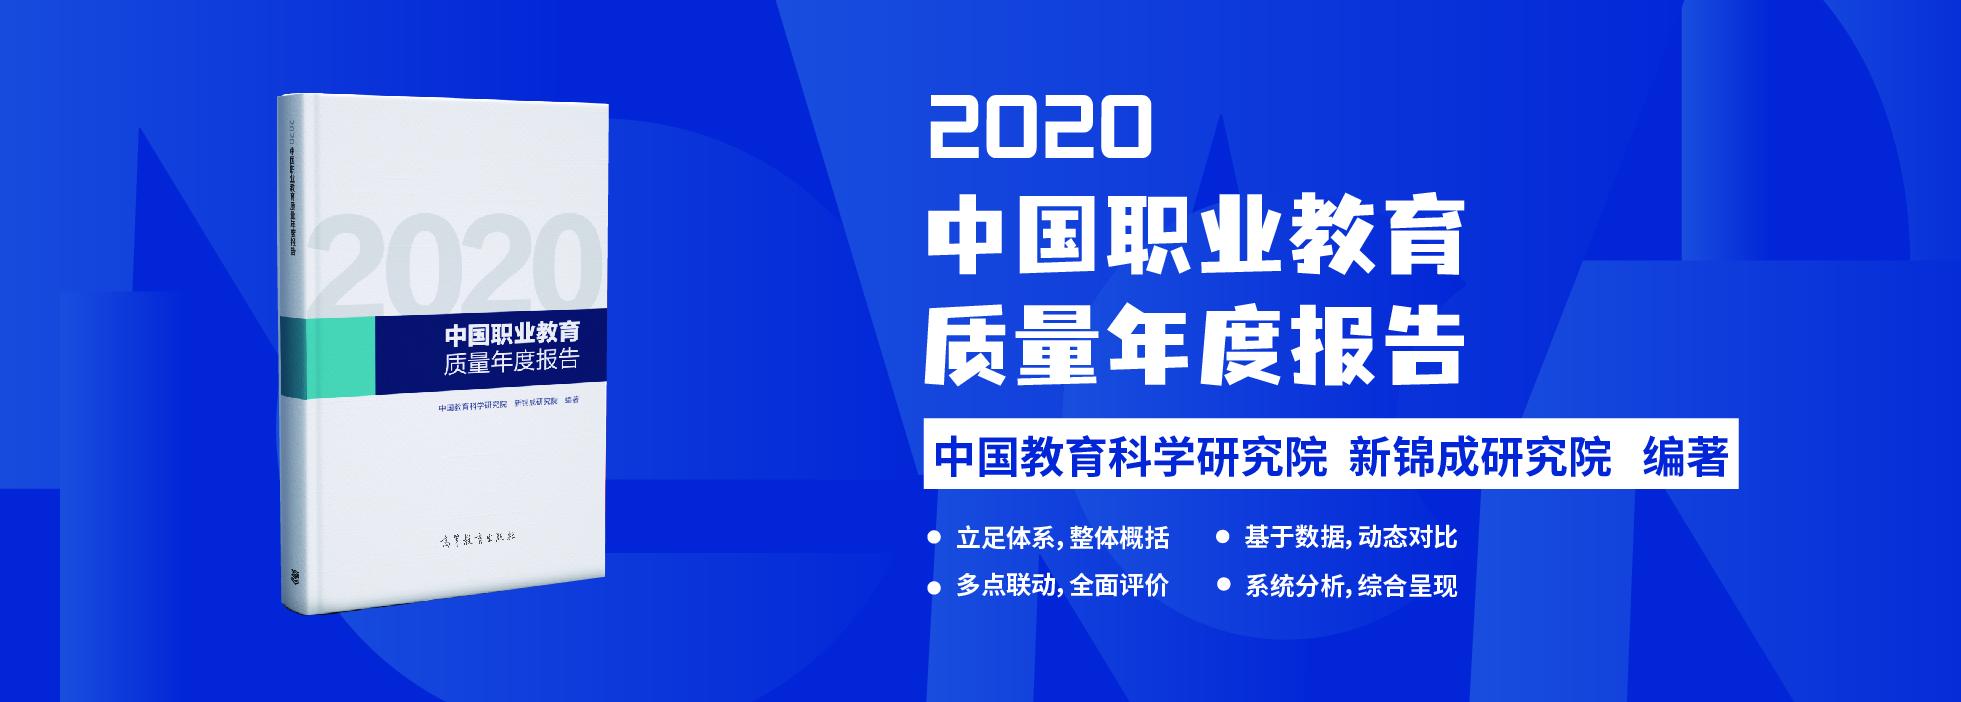 2020中国教育质量年报